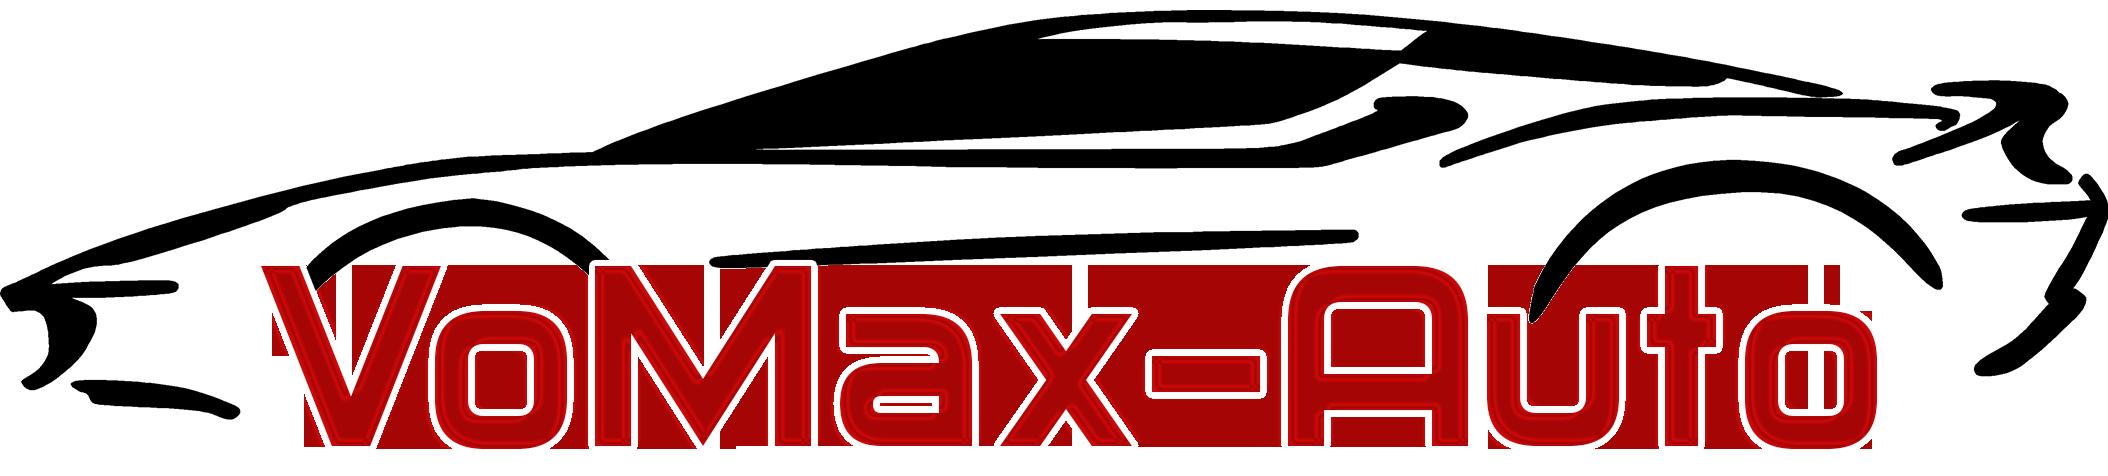 бланк договора о выкупе автомобиля